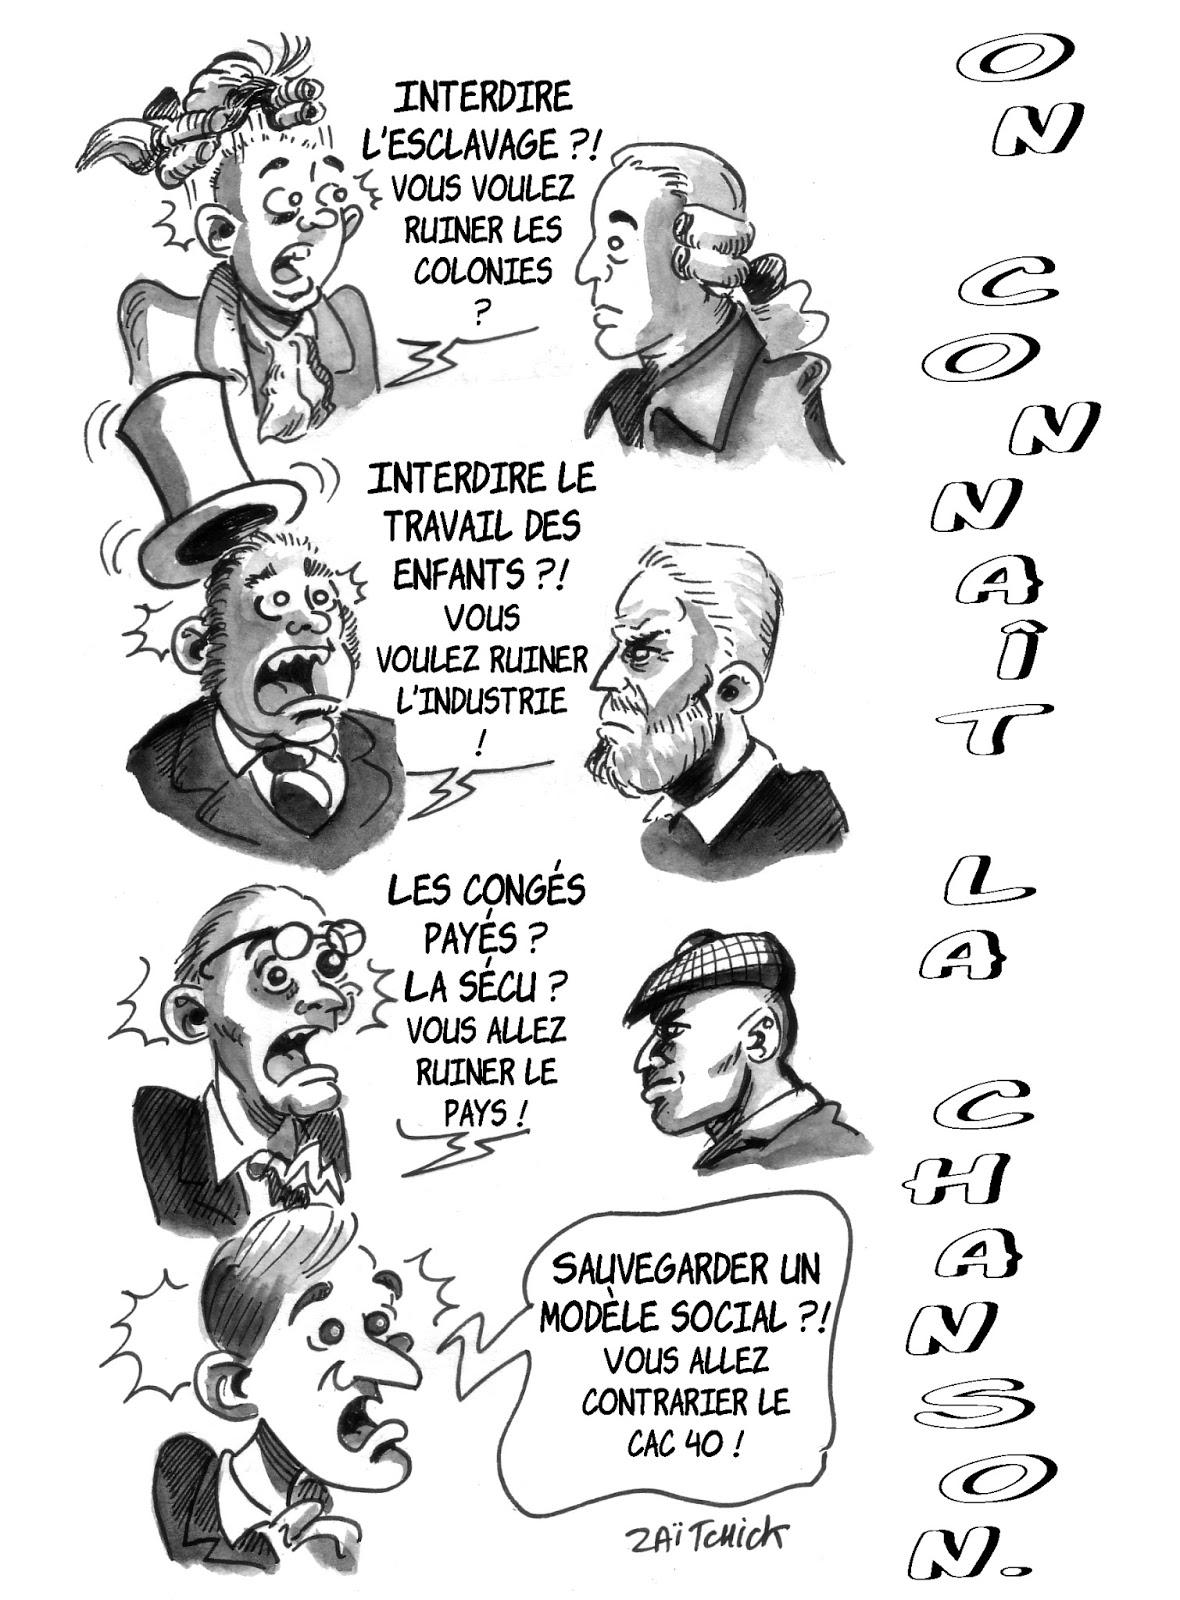 dessin d'actualité montrant l'évolution des préjugés économiques au fil de l'Histoire